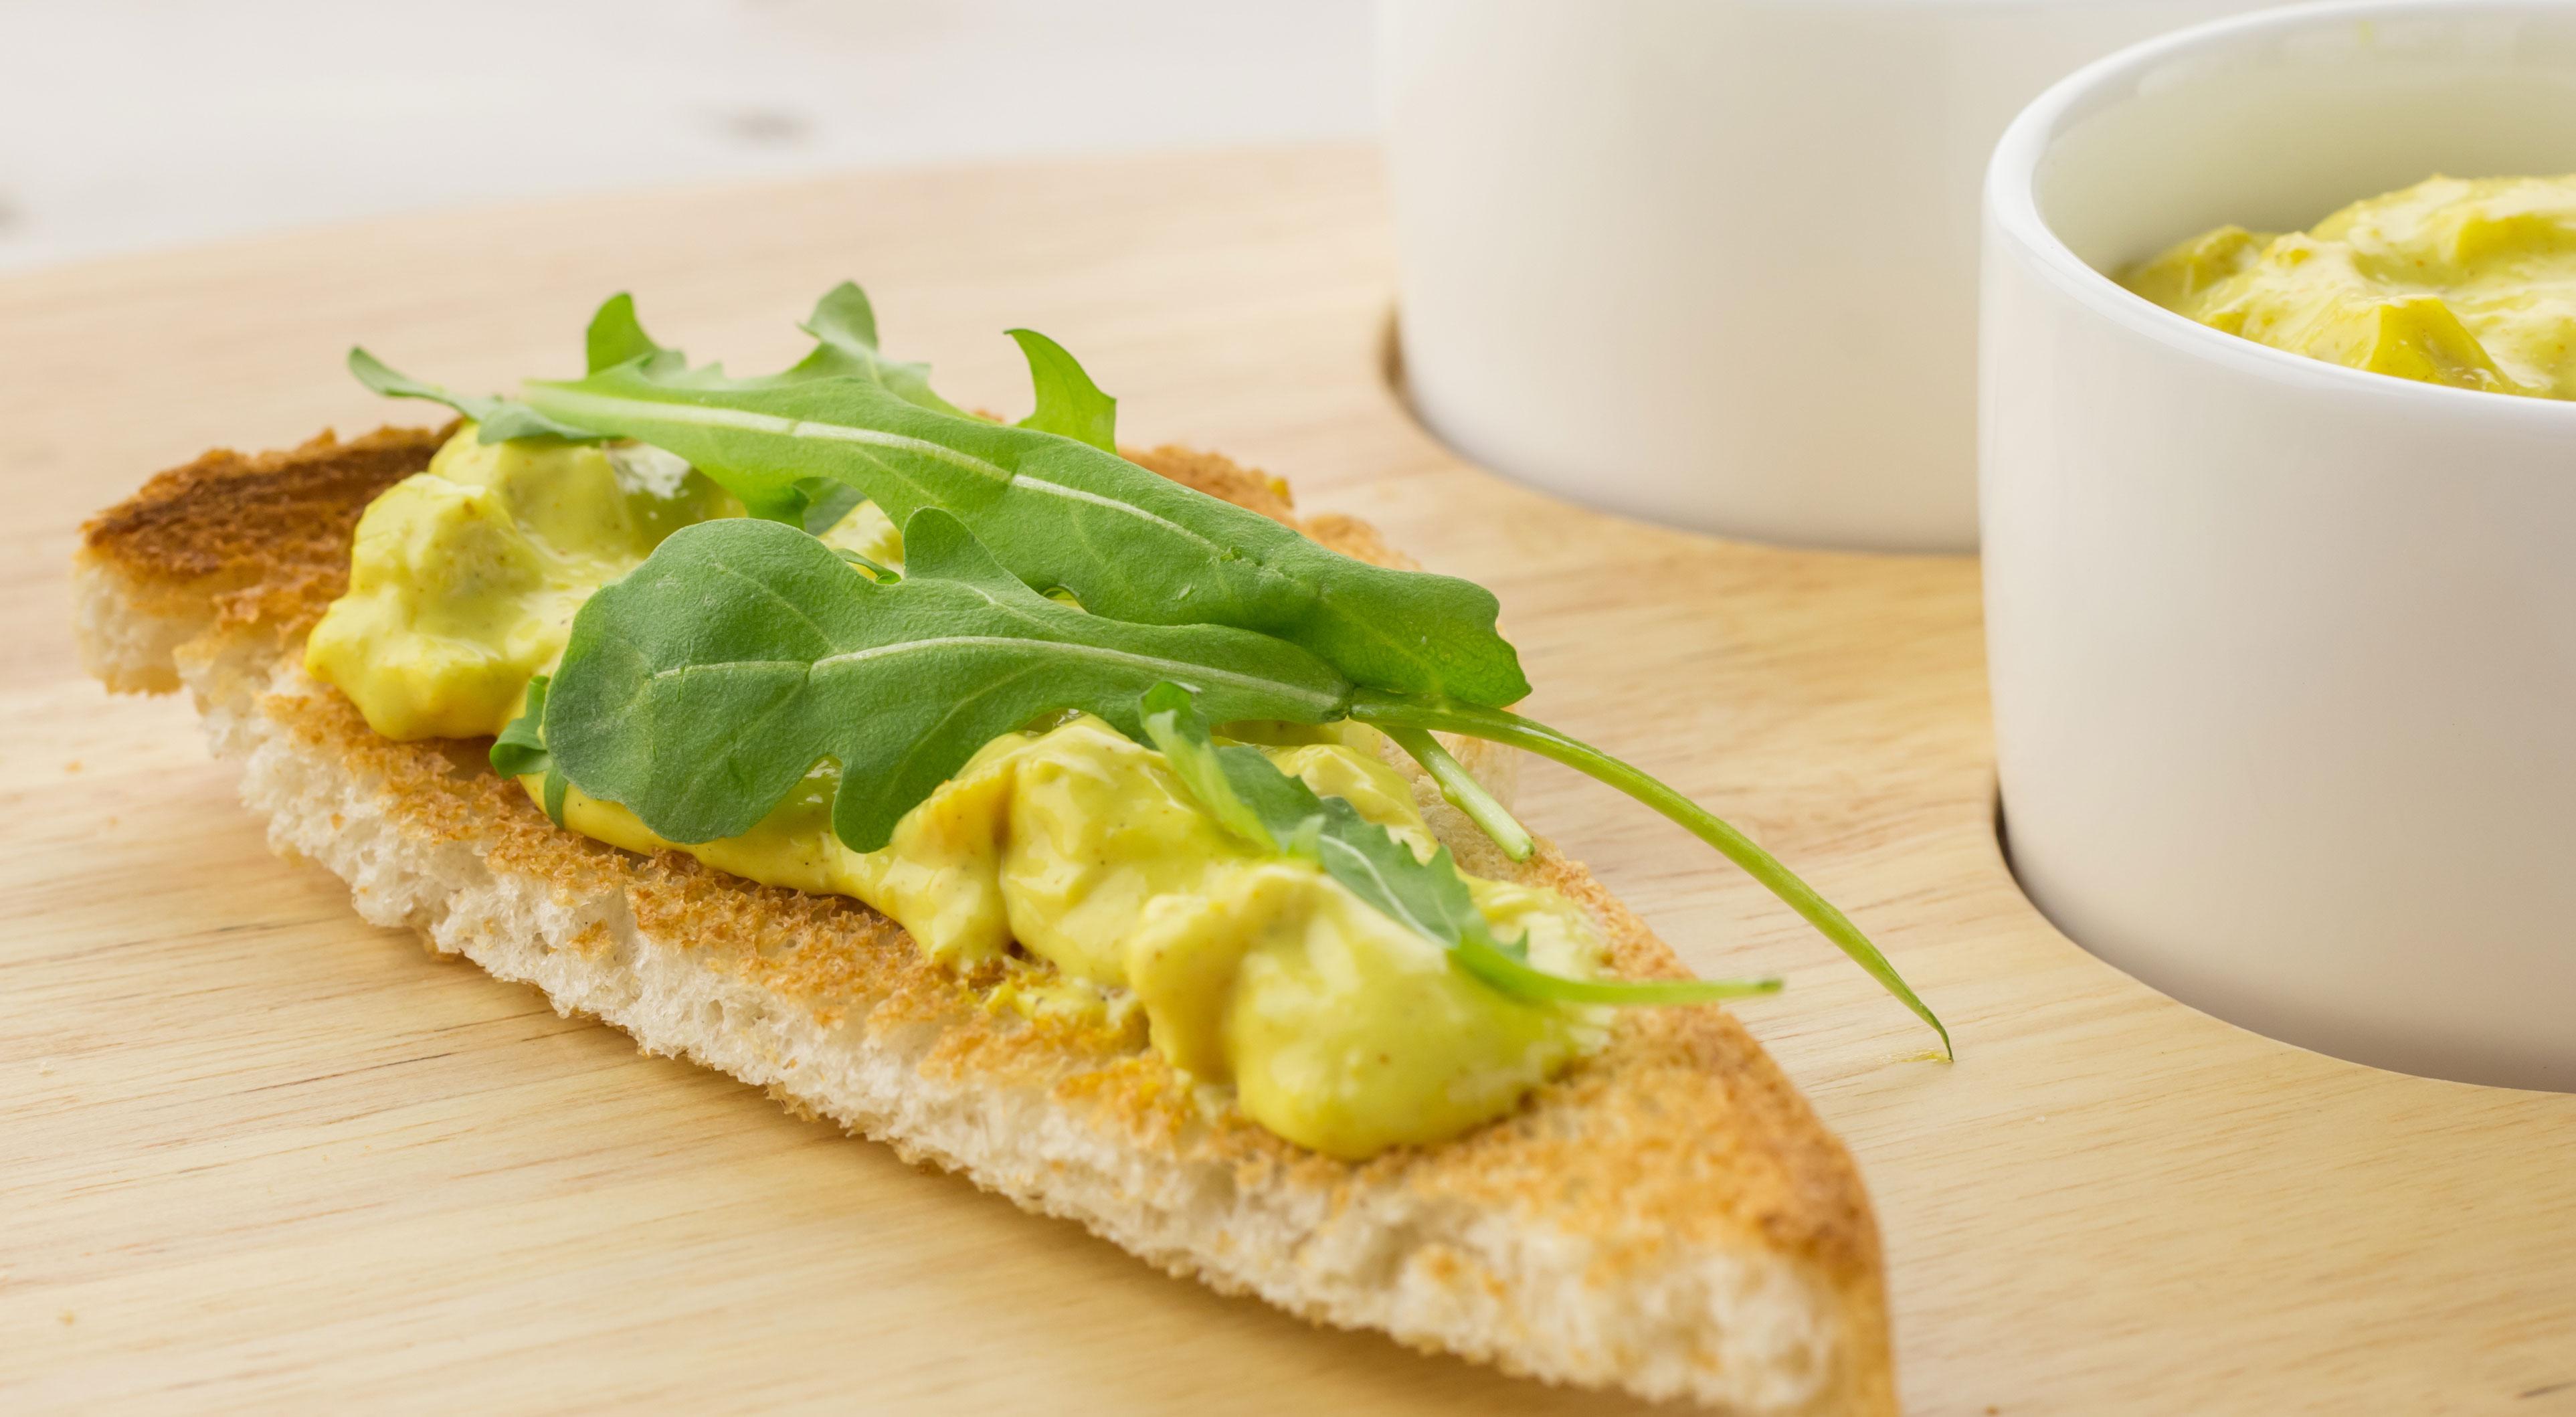 Slanke ei-kerriesalade (minder kcal. zonder dat je het proeft!)